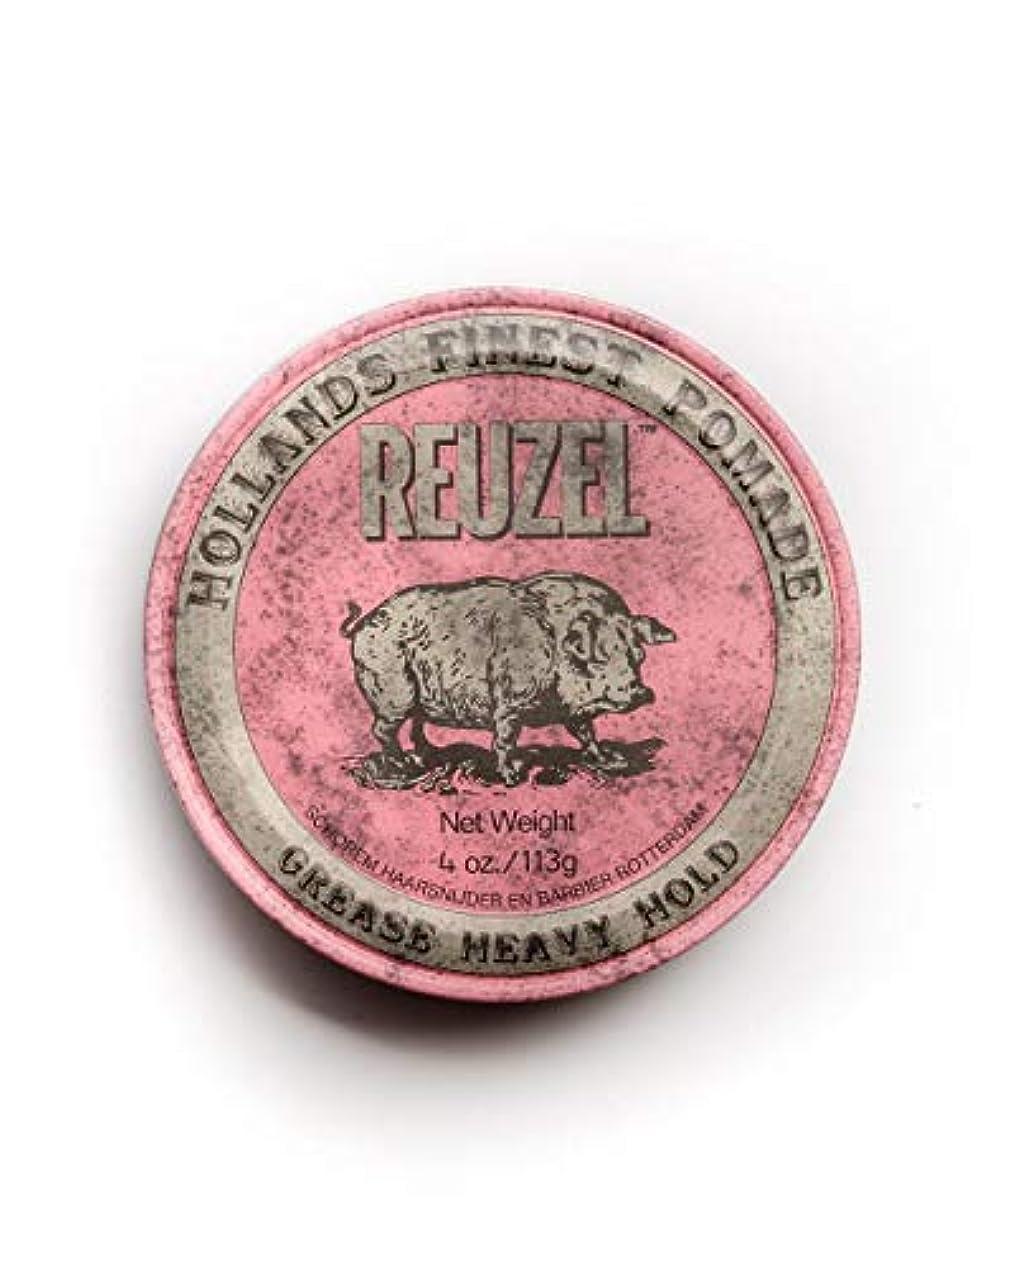 日焼け後葉を集めるルーゾー ピンク ヘヴィーホールド ポマード Reuzel Pink Heavy Hold Grease pomade 113 g [並行輸入品]